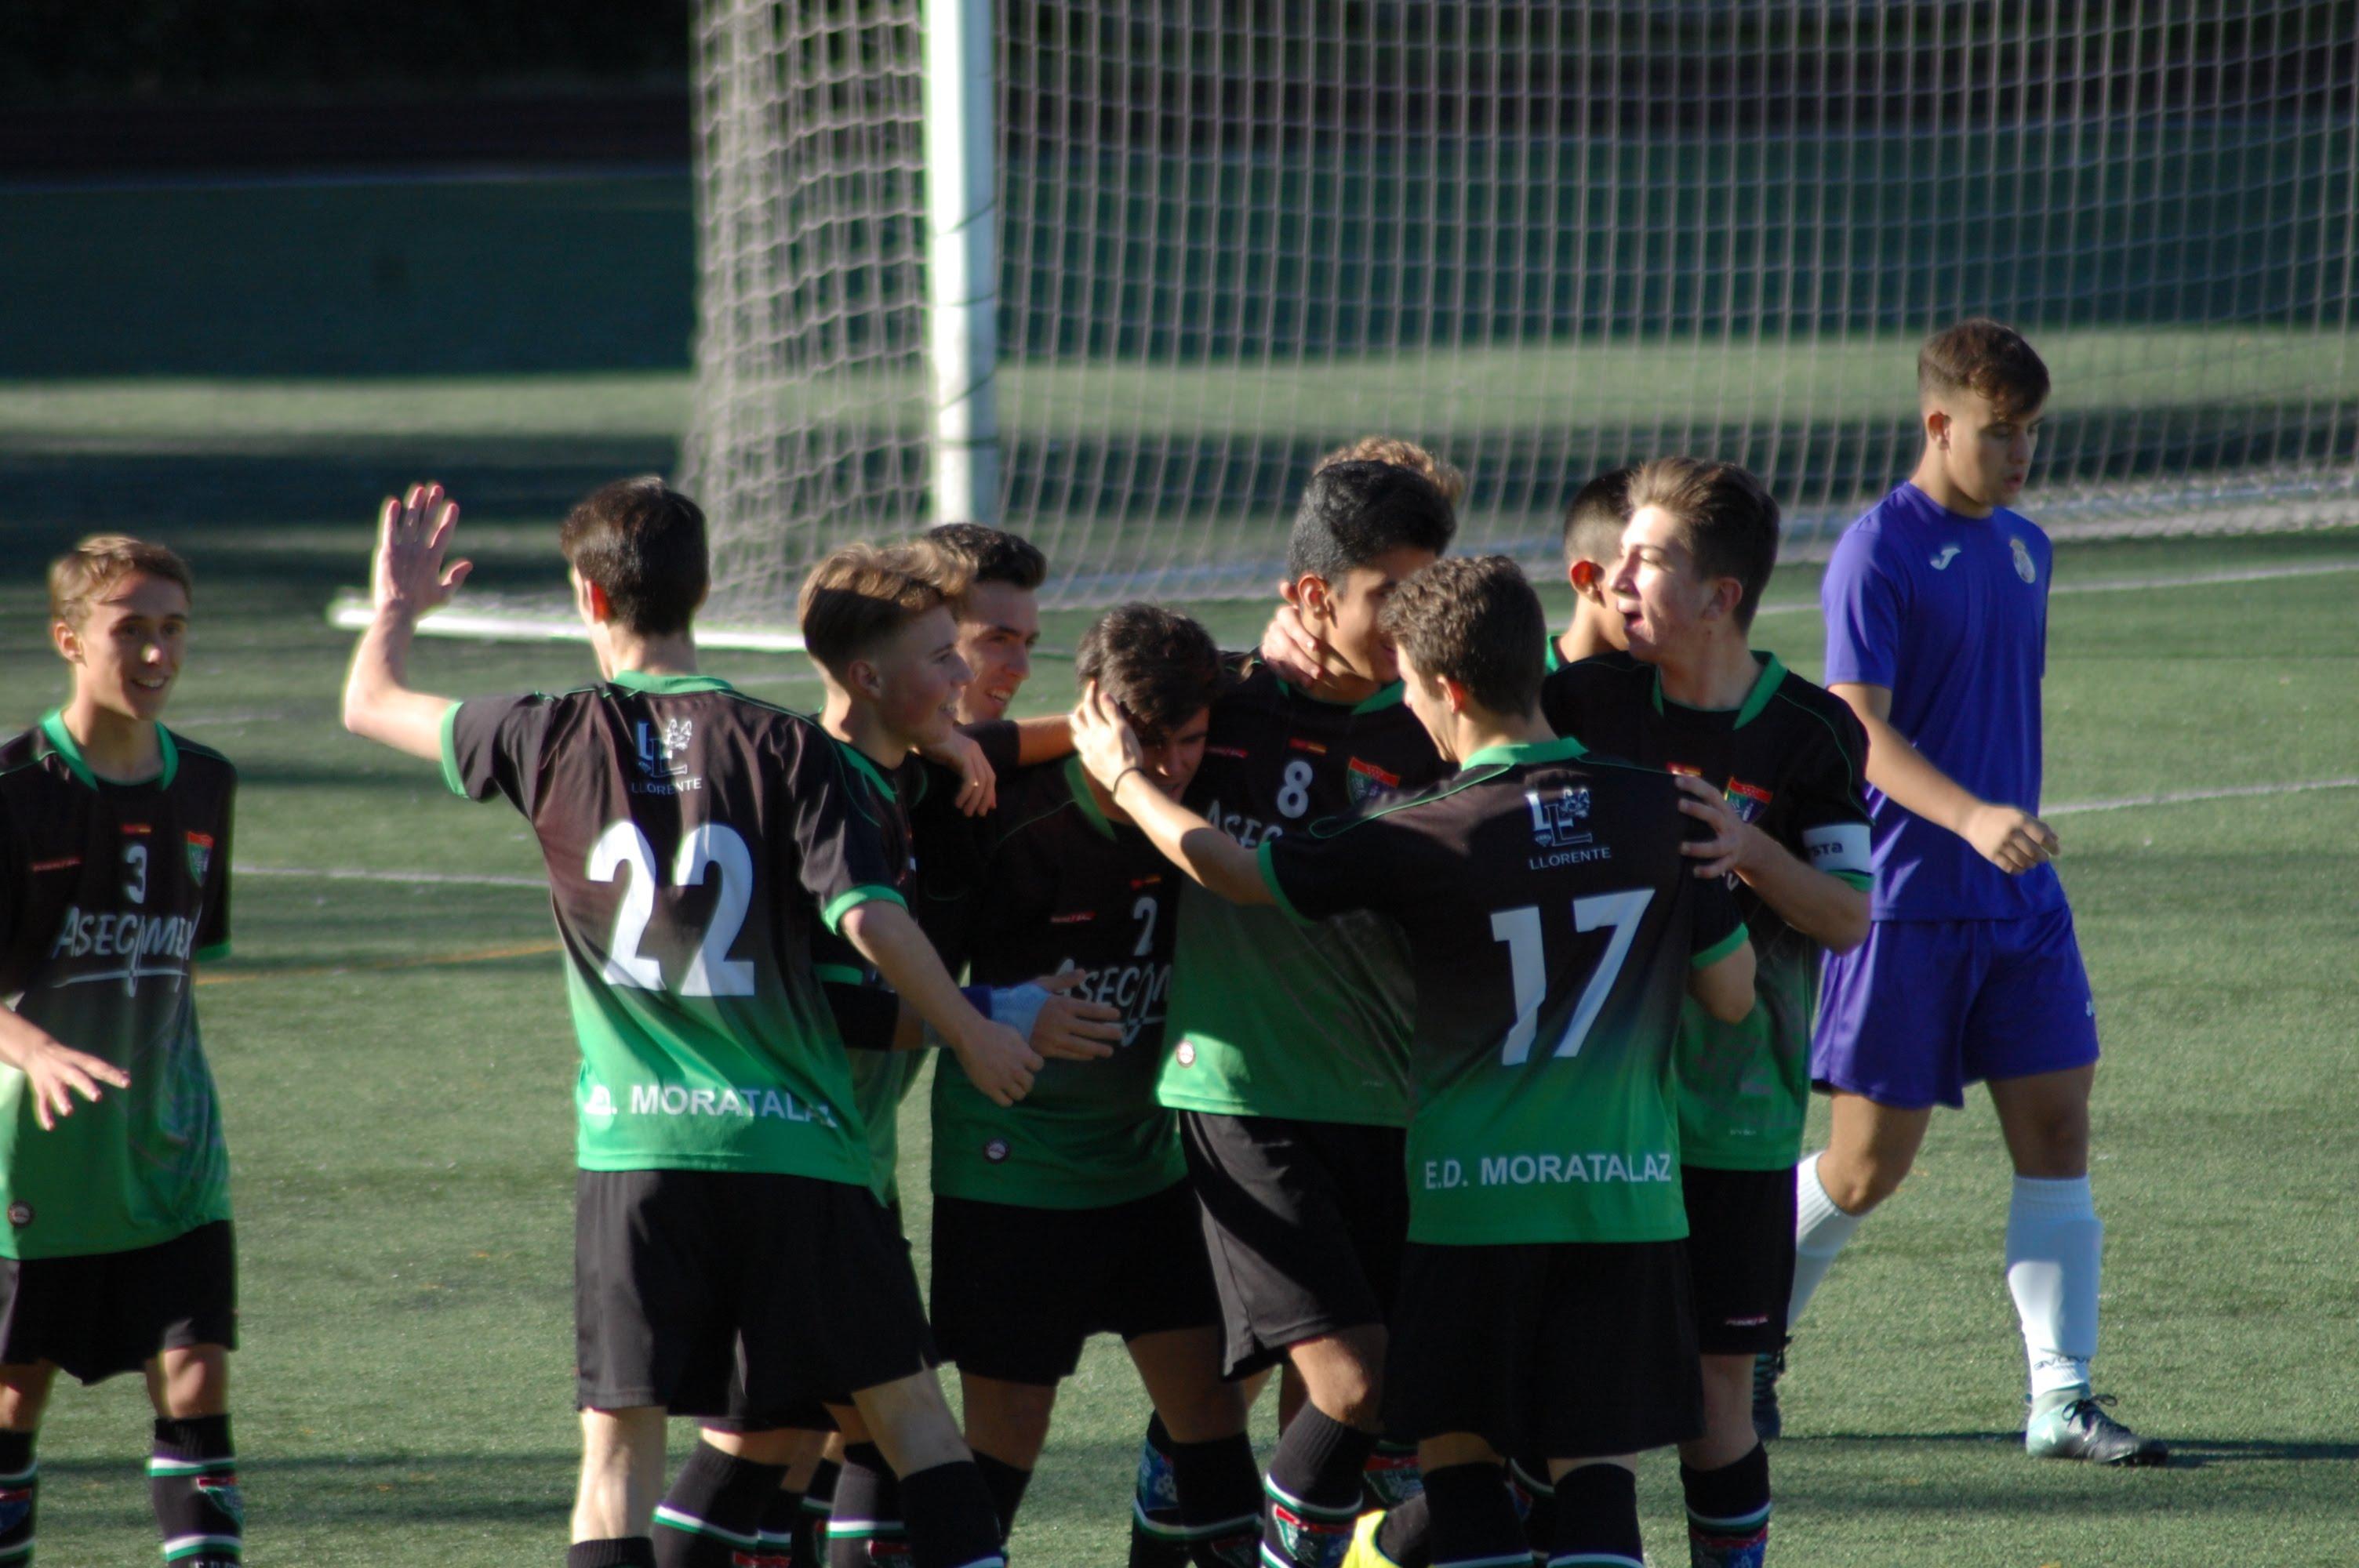 El Juvenil A finaliza la primera mitad de la temporada en el Urbis